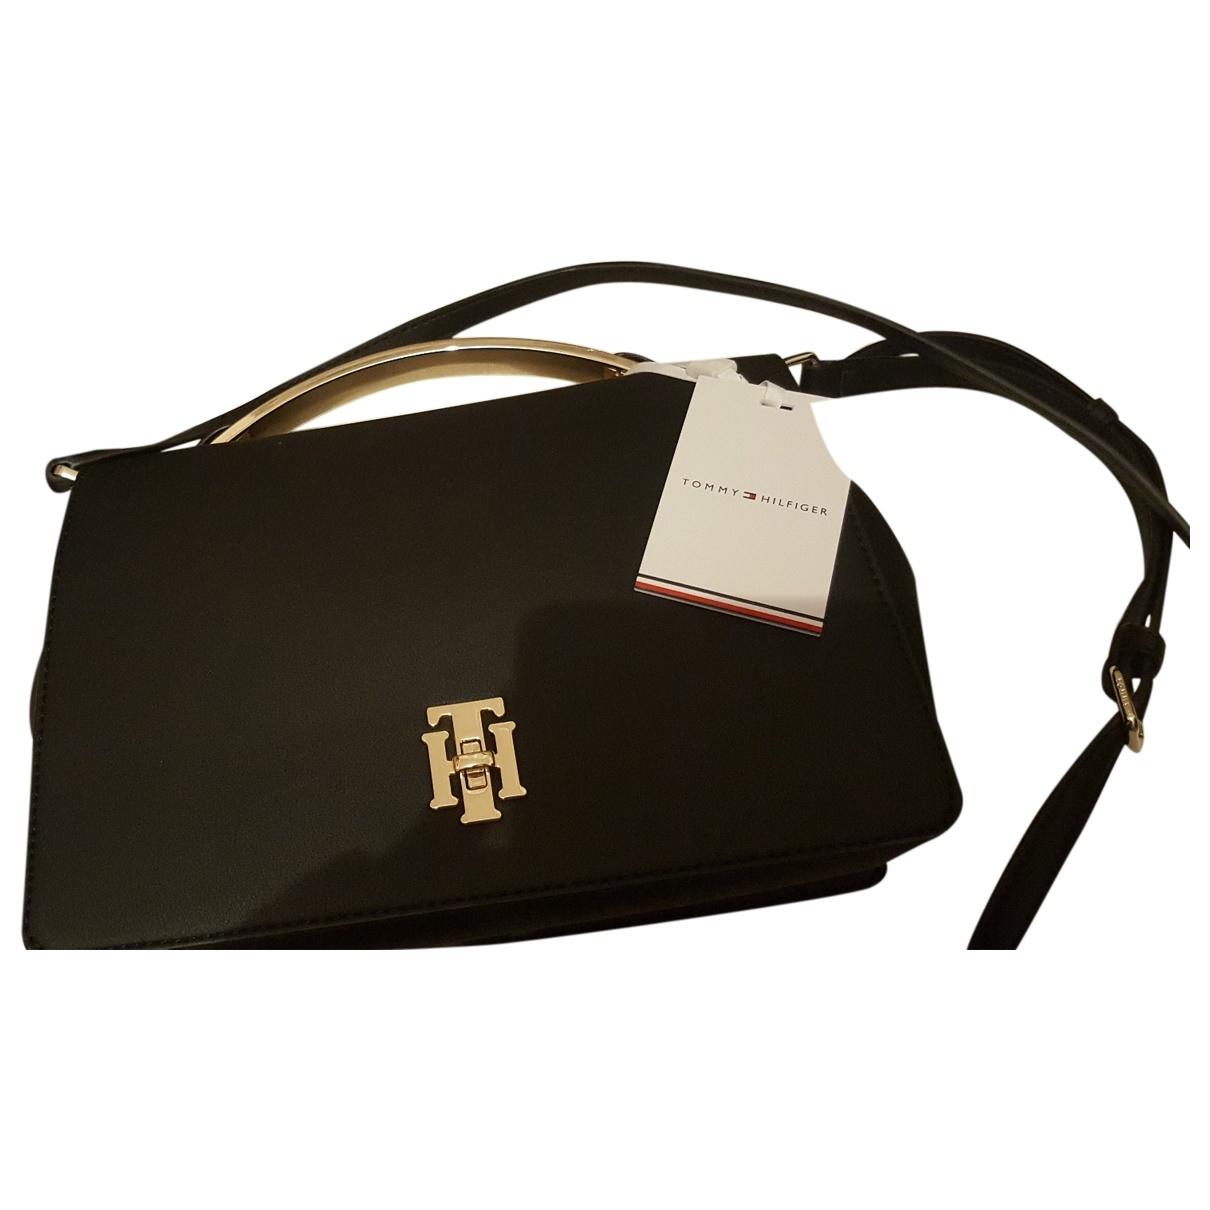 Tommy Hilfiger \N Handtasche in  Schwarz Synthetik